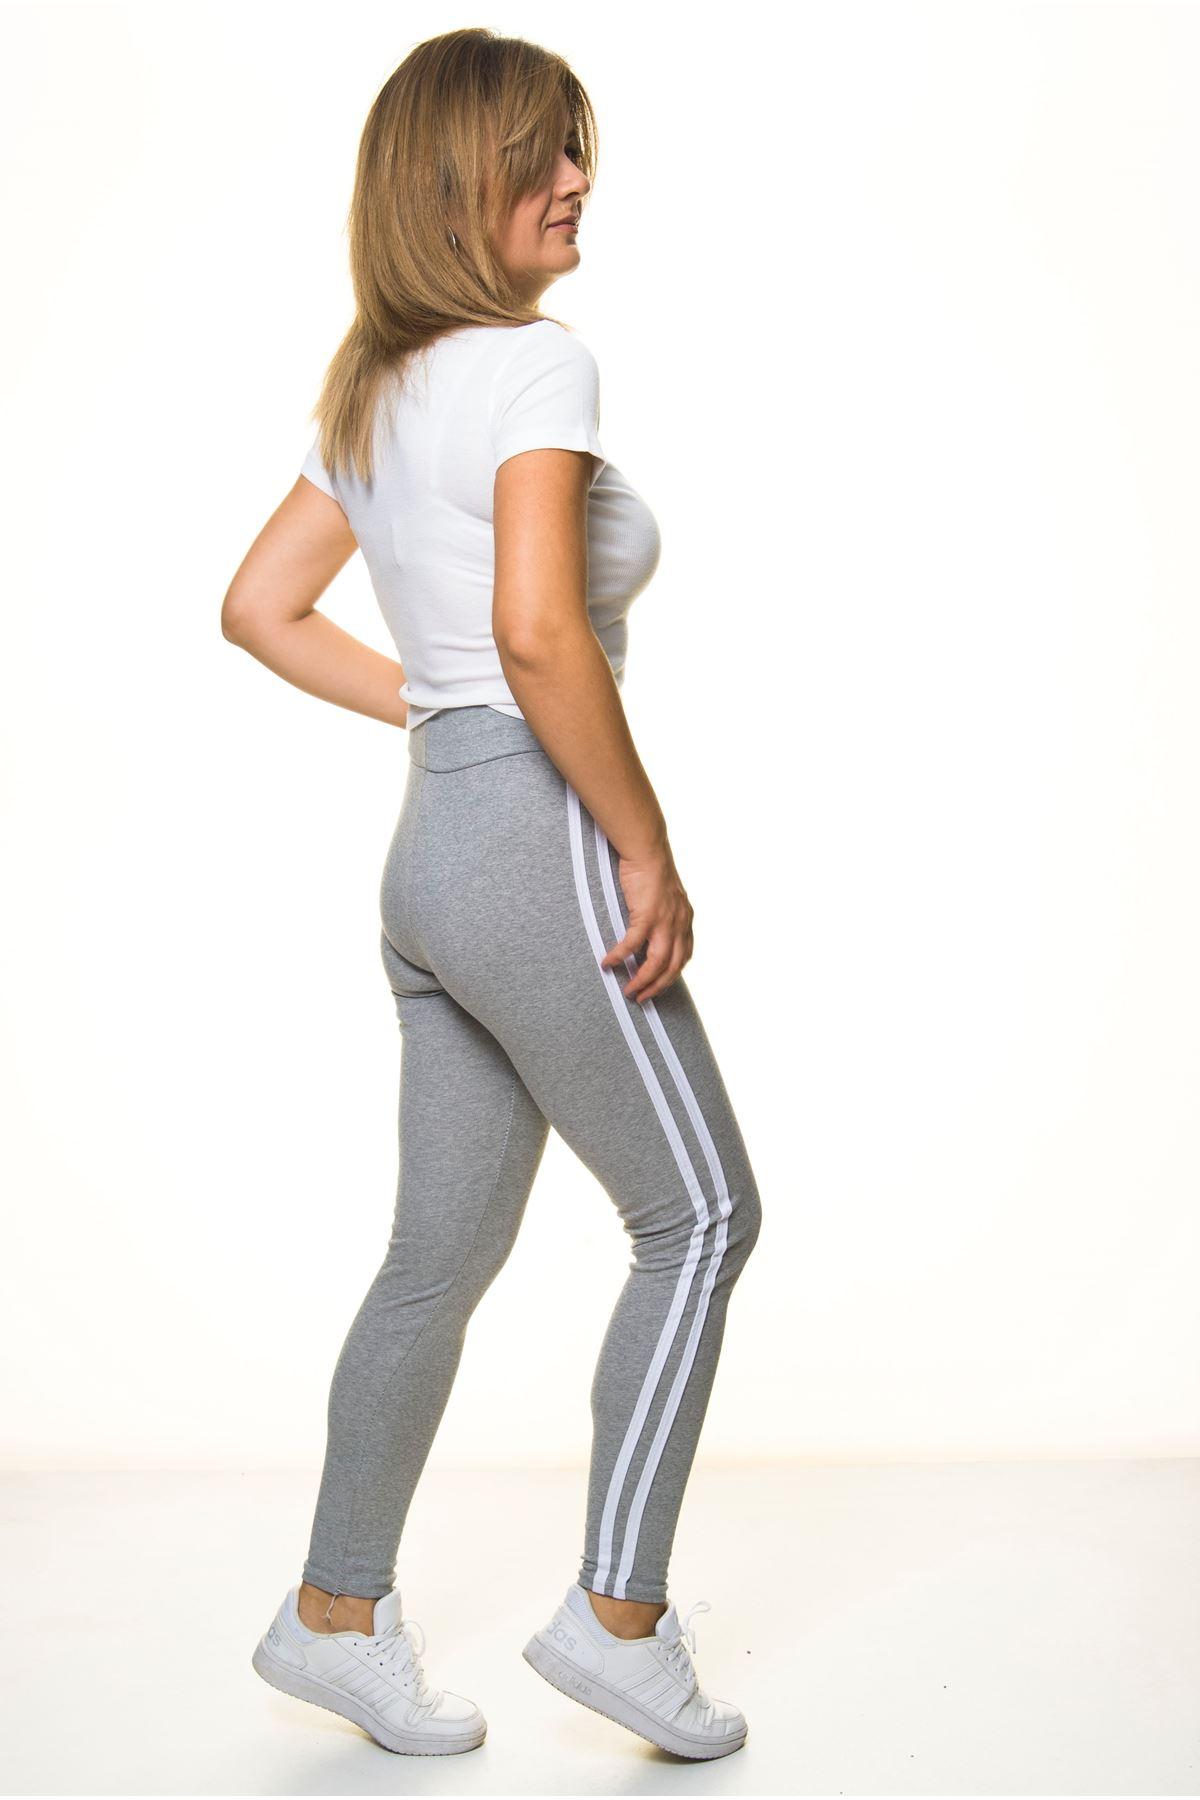 Kadın Spor Çizgili Gri Uzun Tayt 11E-4058